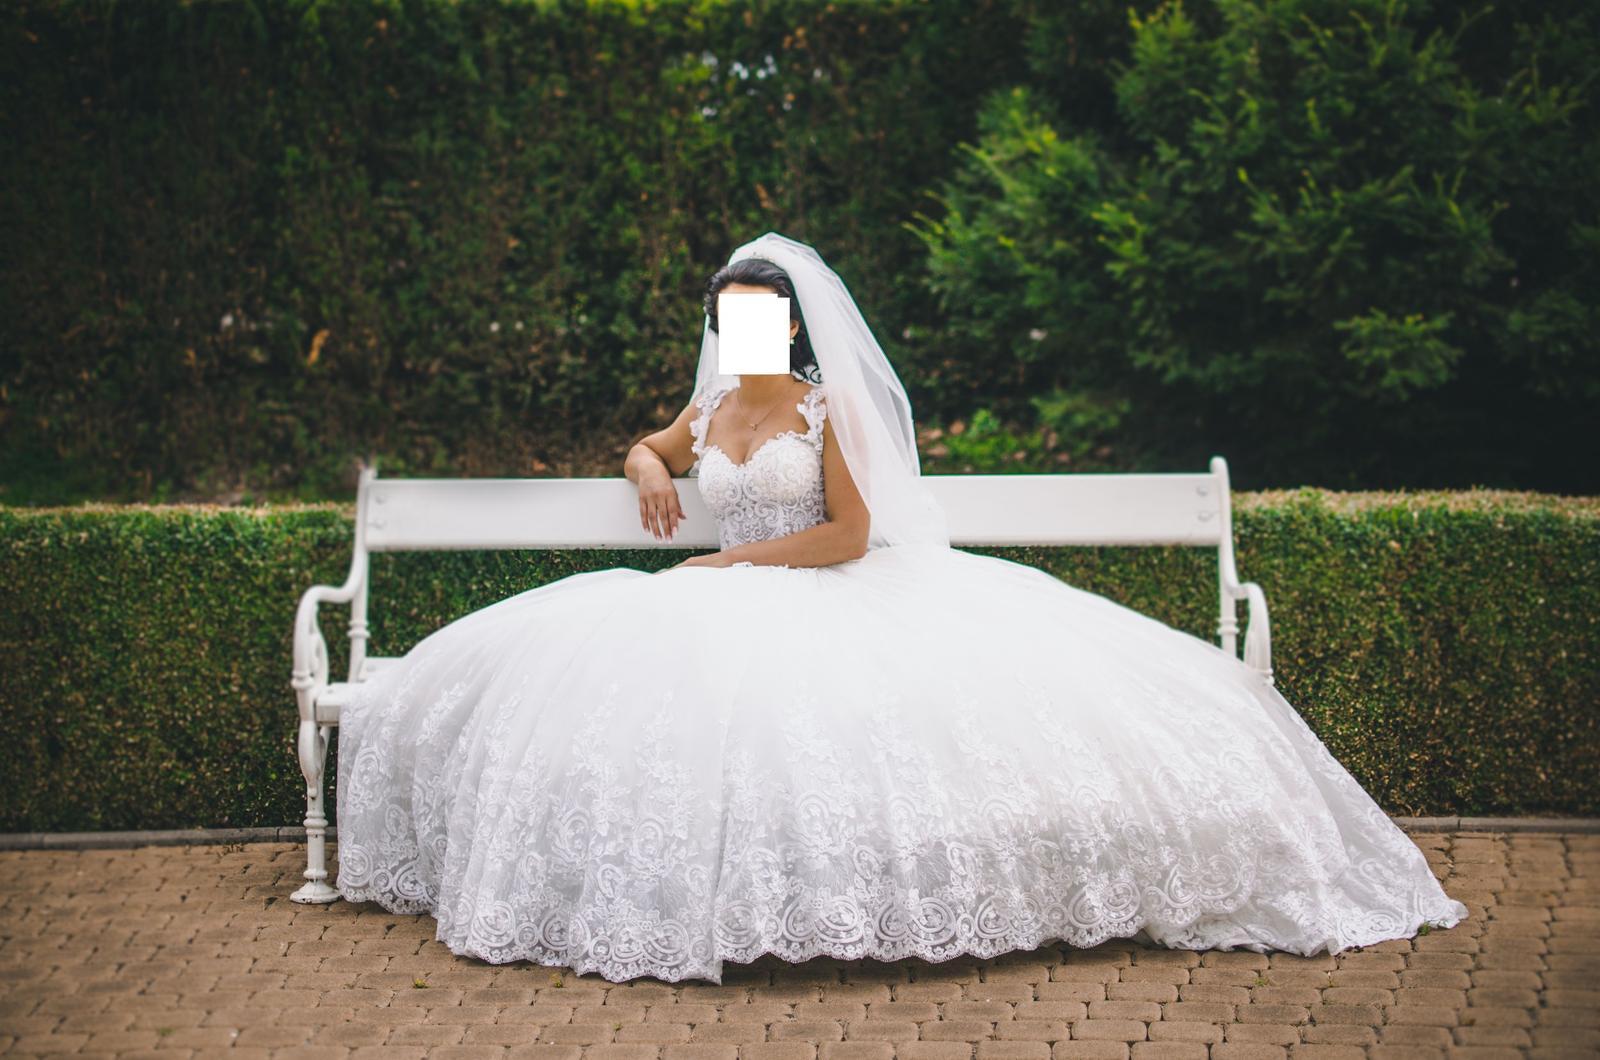 Svadobné šaty IRIAN SAM VENICE 35 veľkosť - Obrázok č. 4